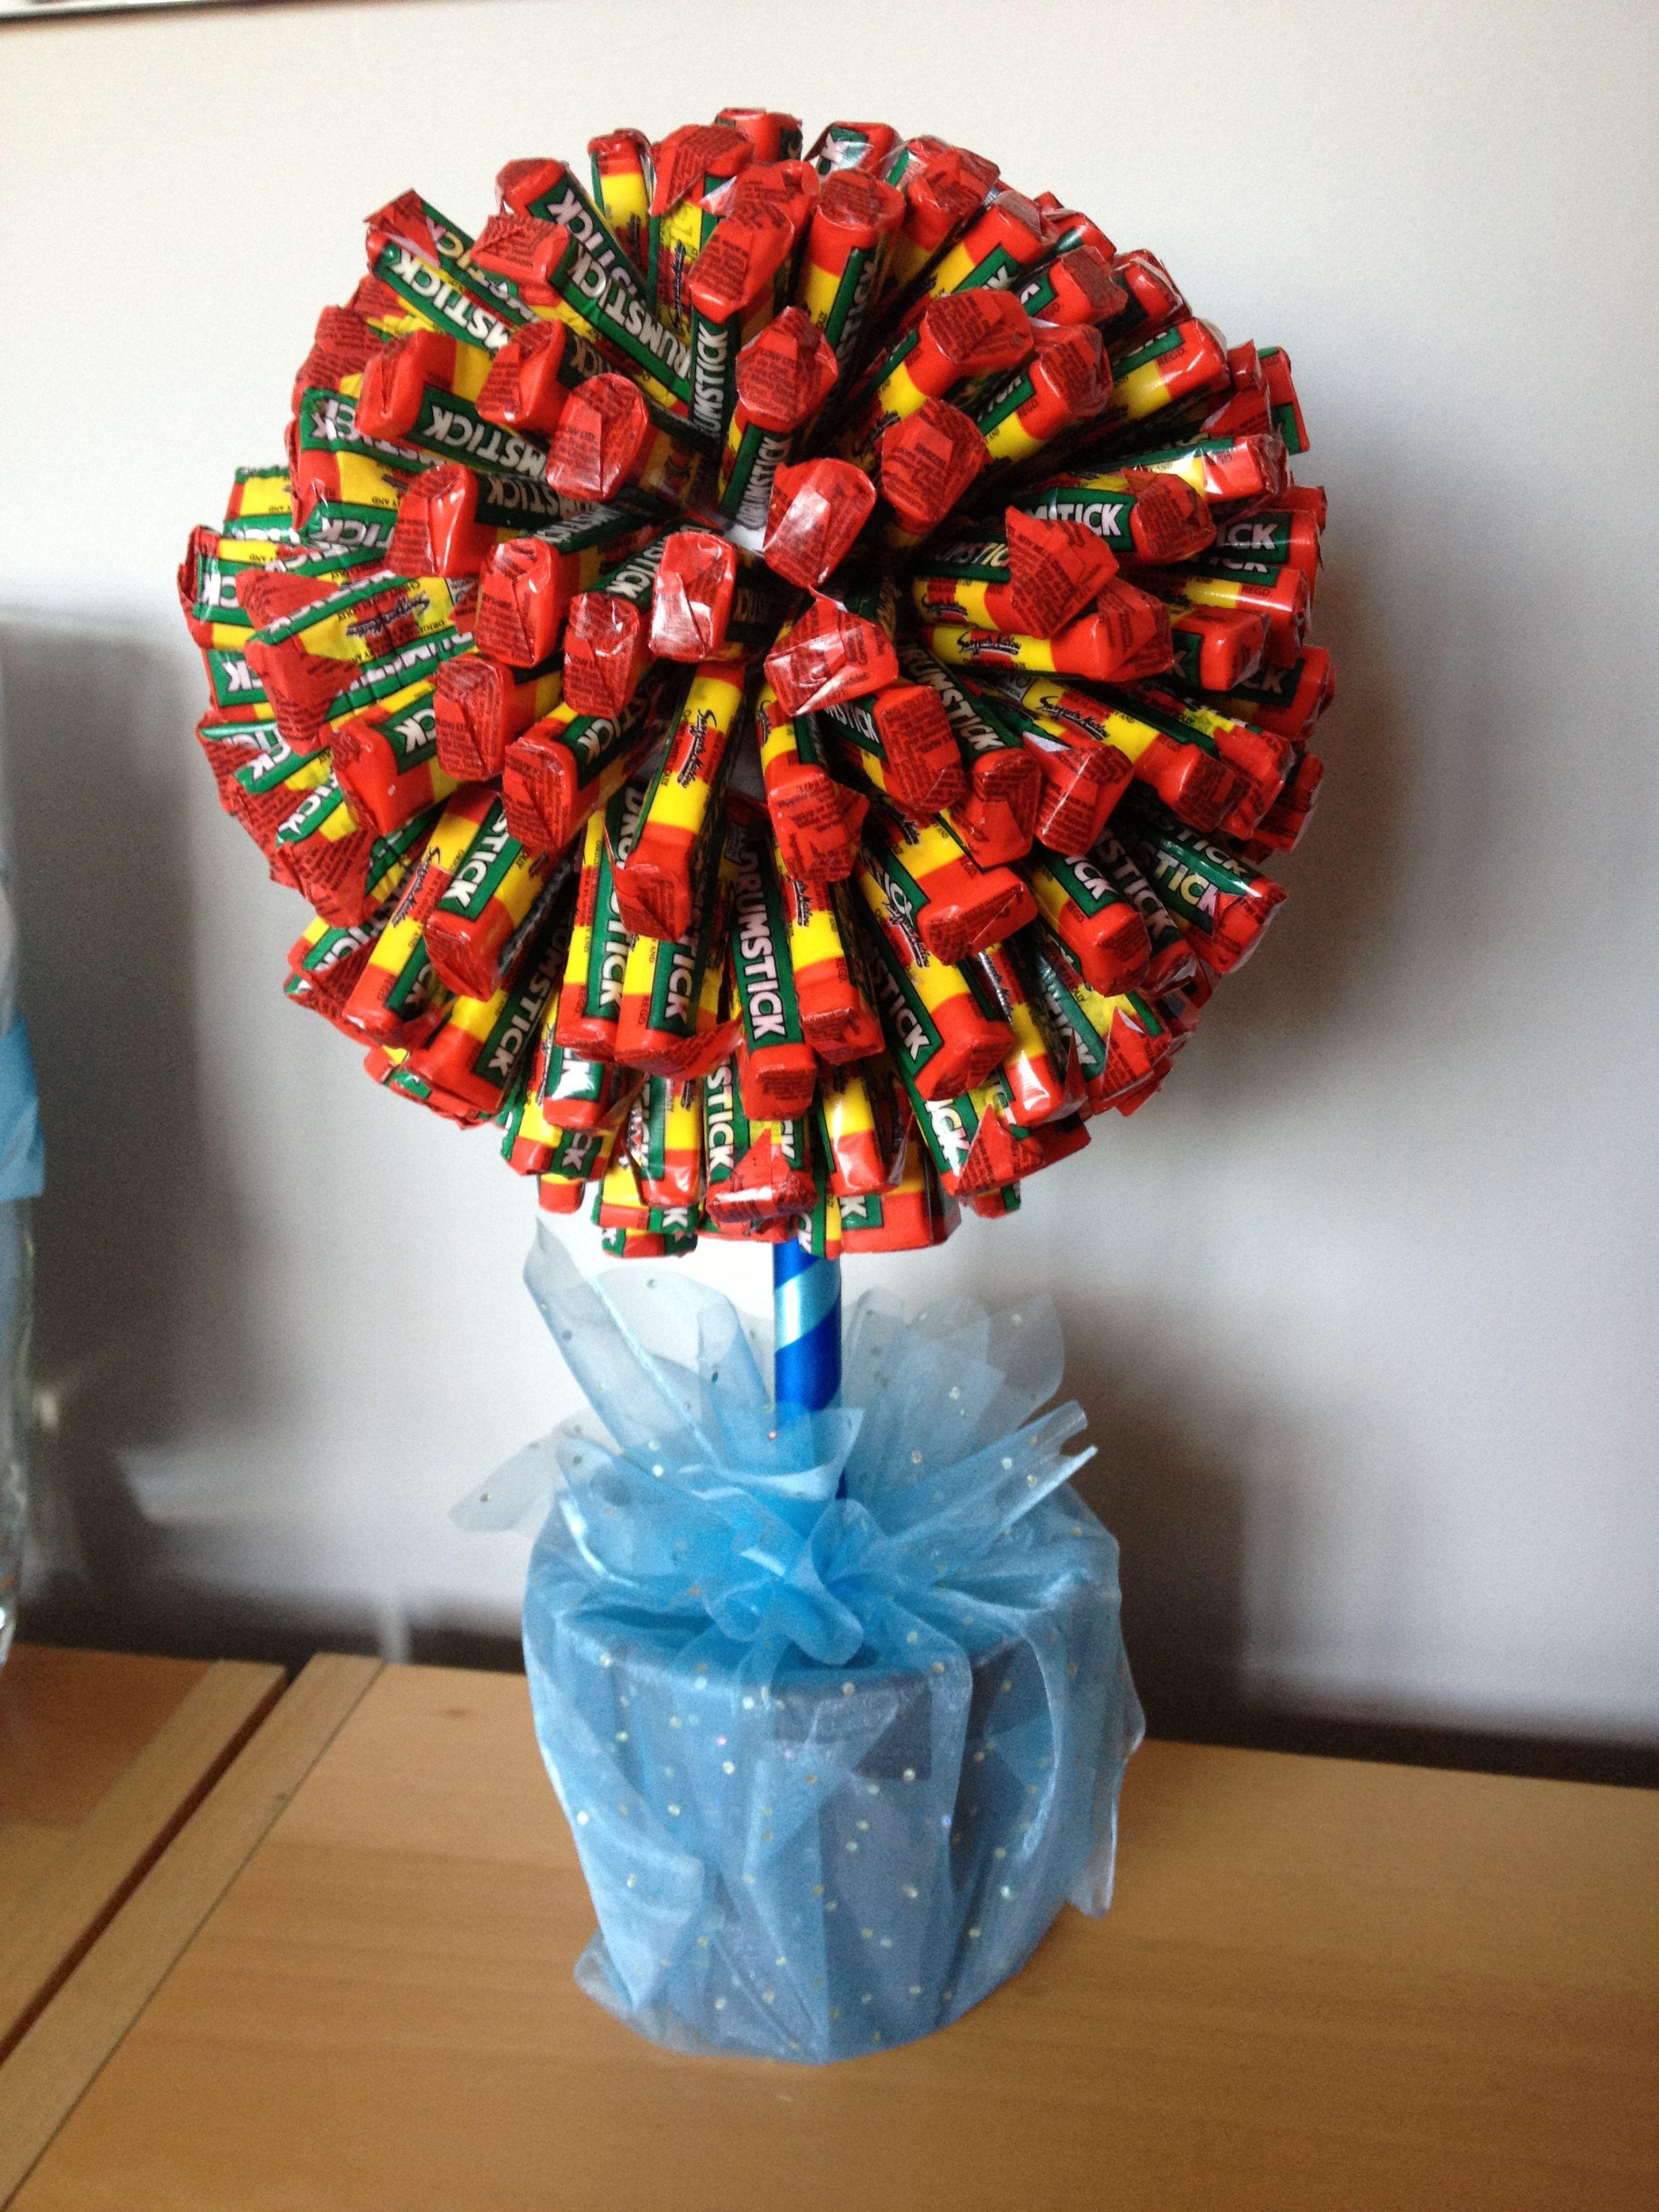 drumstick sweetie tree x sweet trees chocolate bouquet homemade gifts drumstick sweetie tree x sweet trees